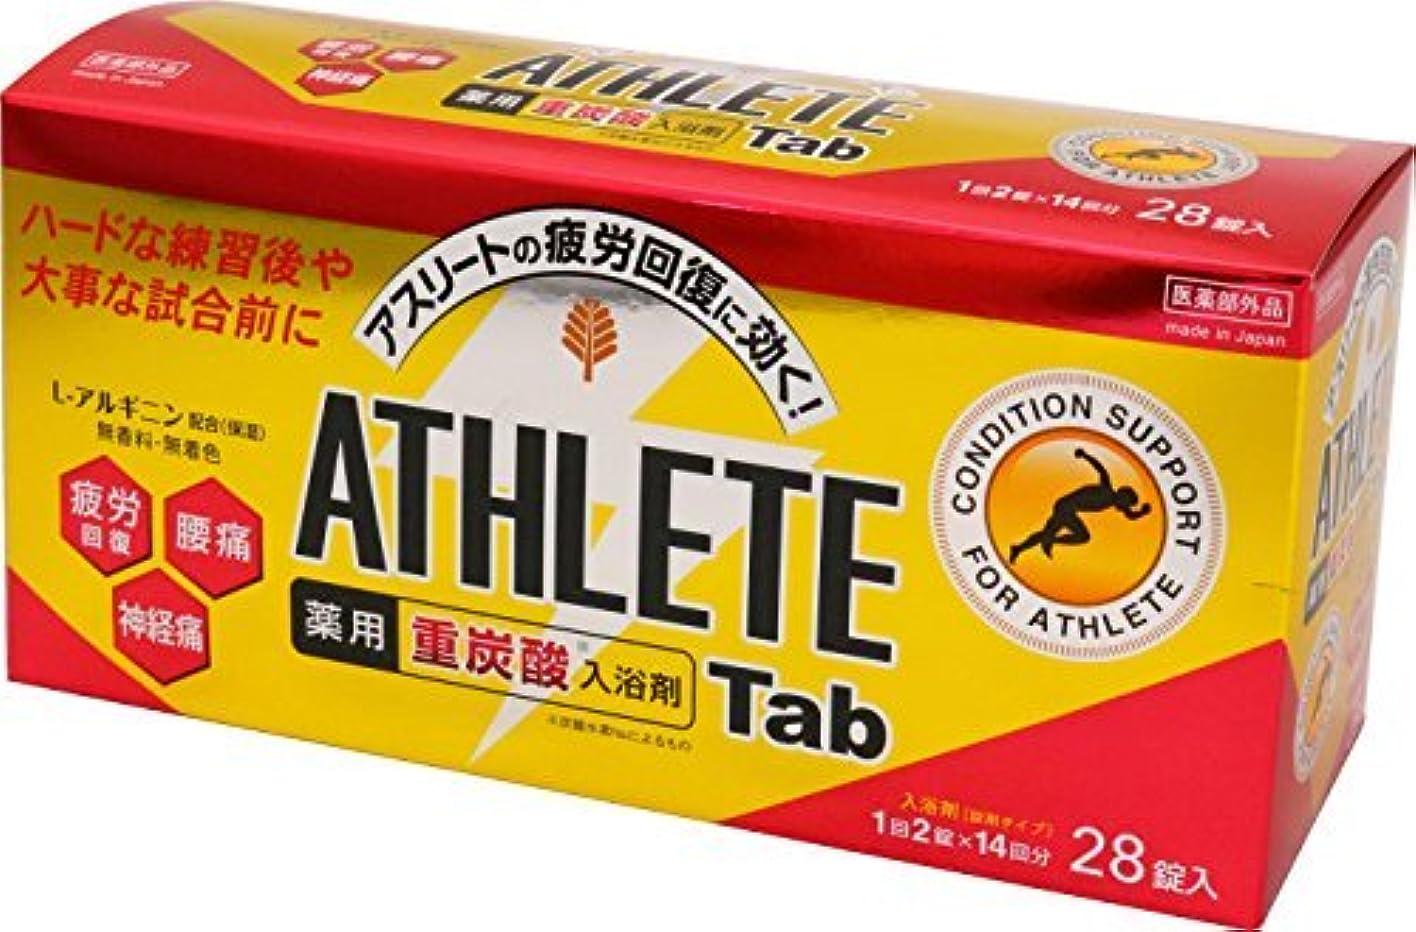 ガイドライン哲学博士ガム日本製 made in japan 薬用 ATHLETE Tab1錠x28パック BT-8573 【まとめ買い3個セット】